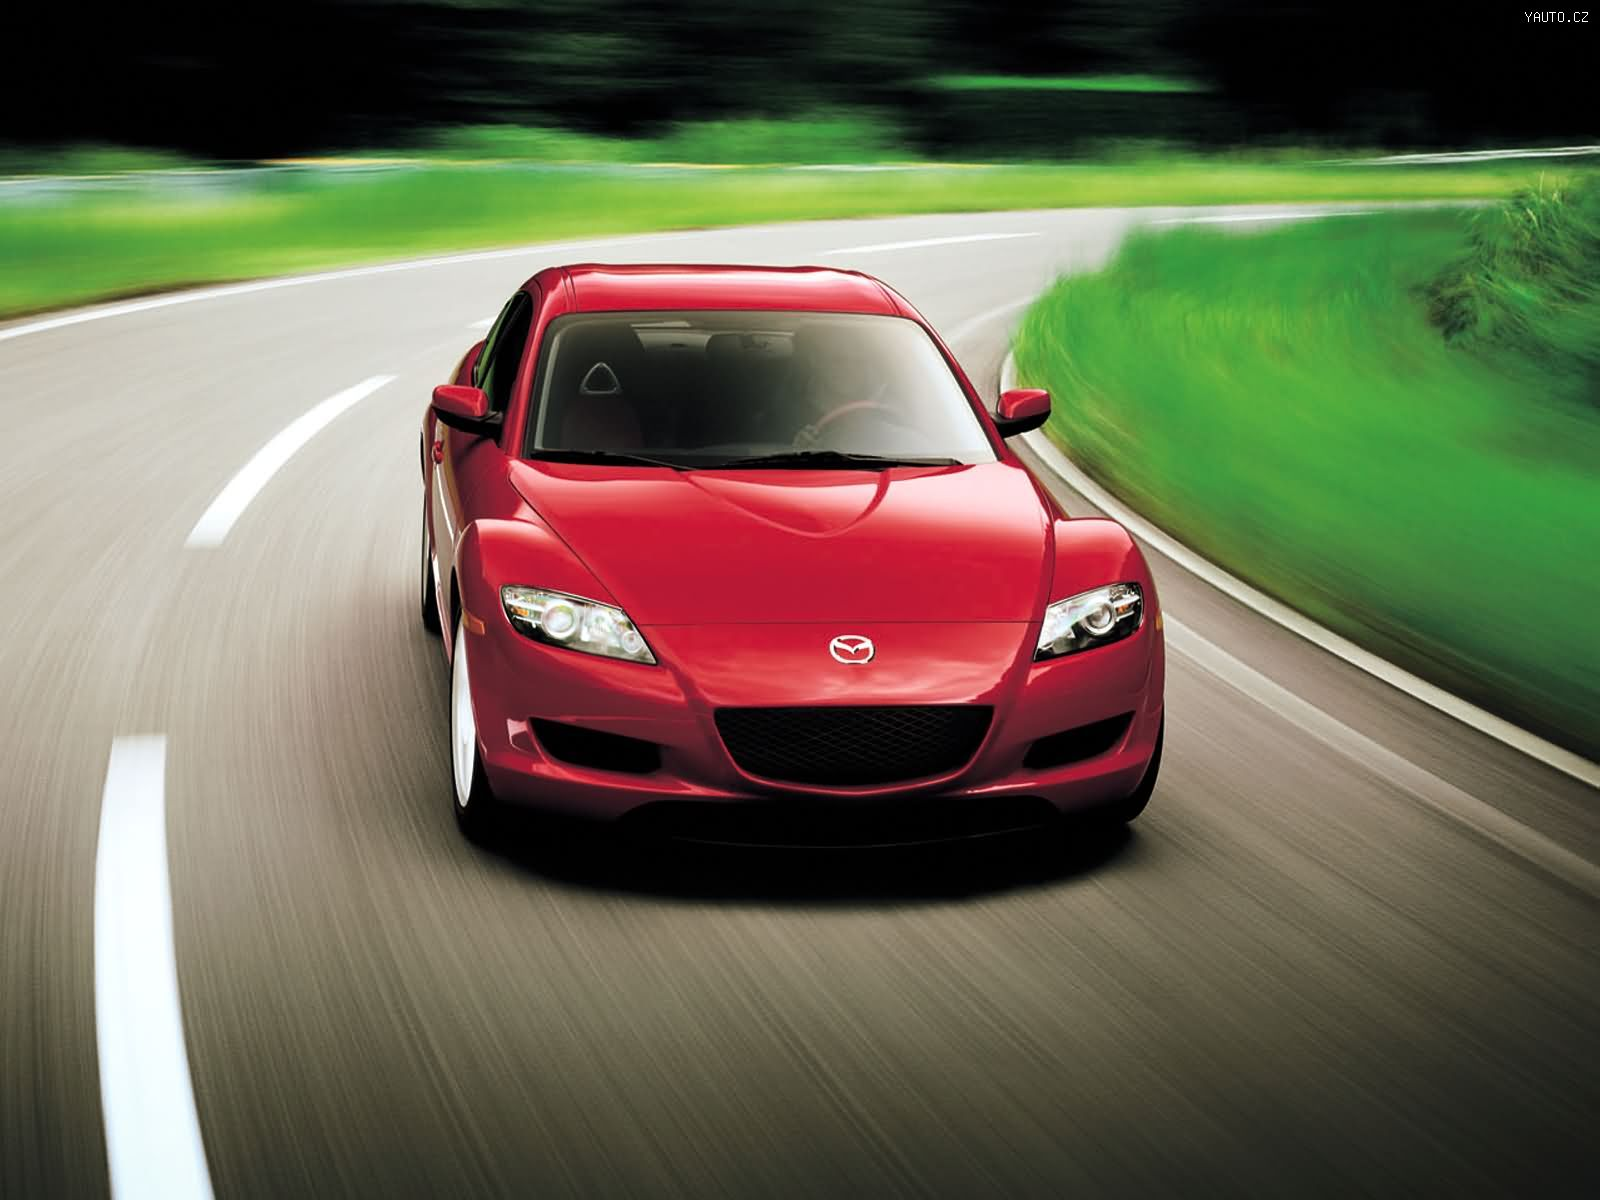 красный спортивный автомобиль mazda 6  № 990354 загрузить